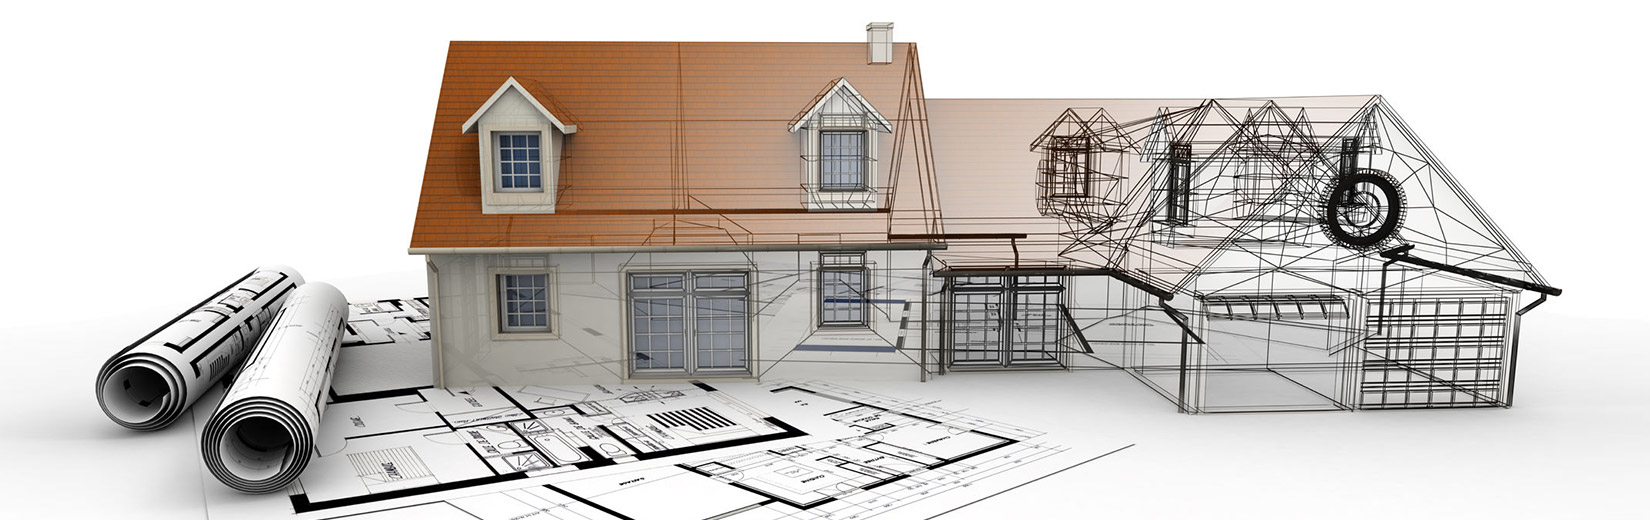 LaM Žilina - stavebná spoločnosť